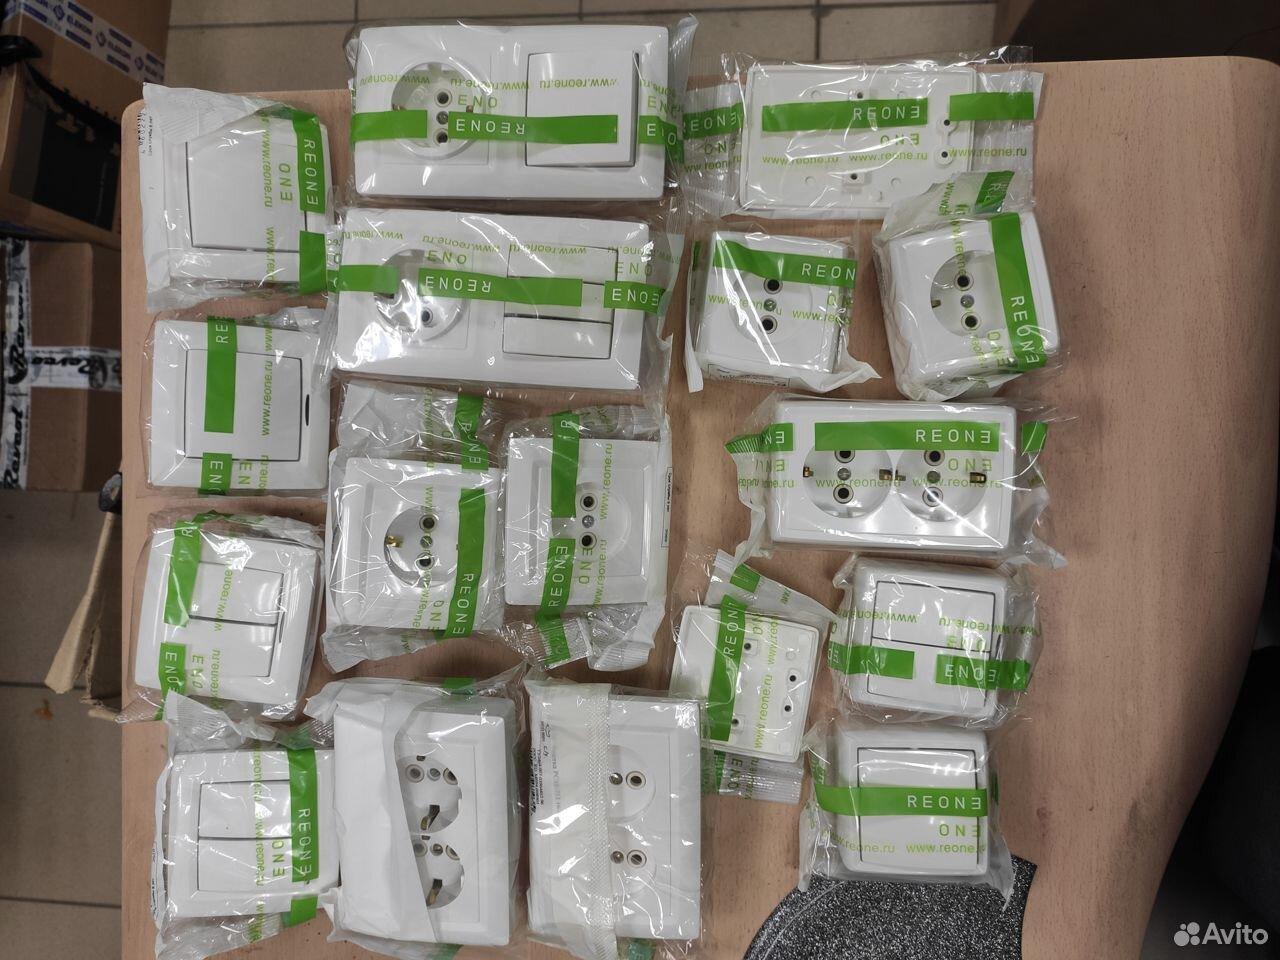 Розетки / выключатели / блоки Reone  89022864116 купить 1